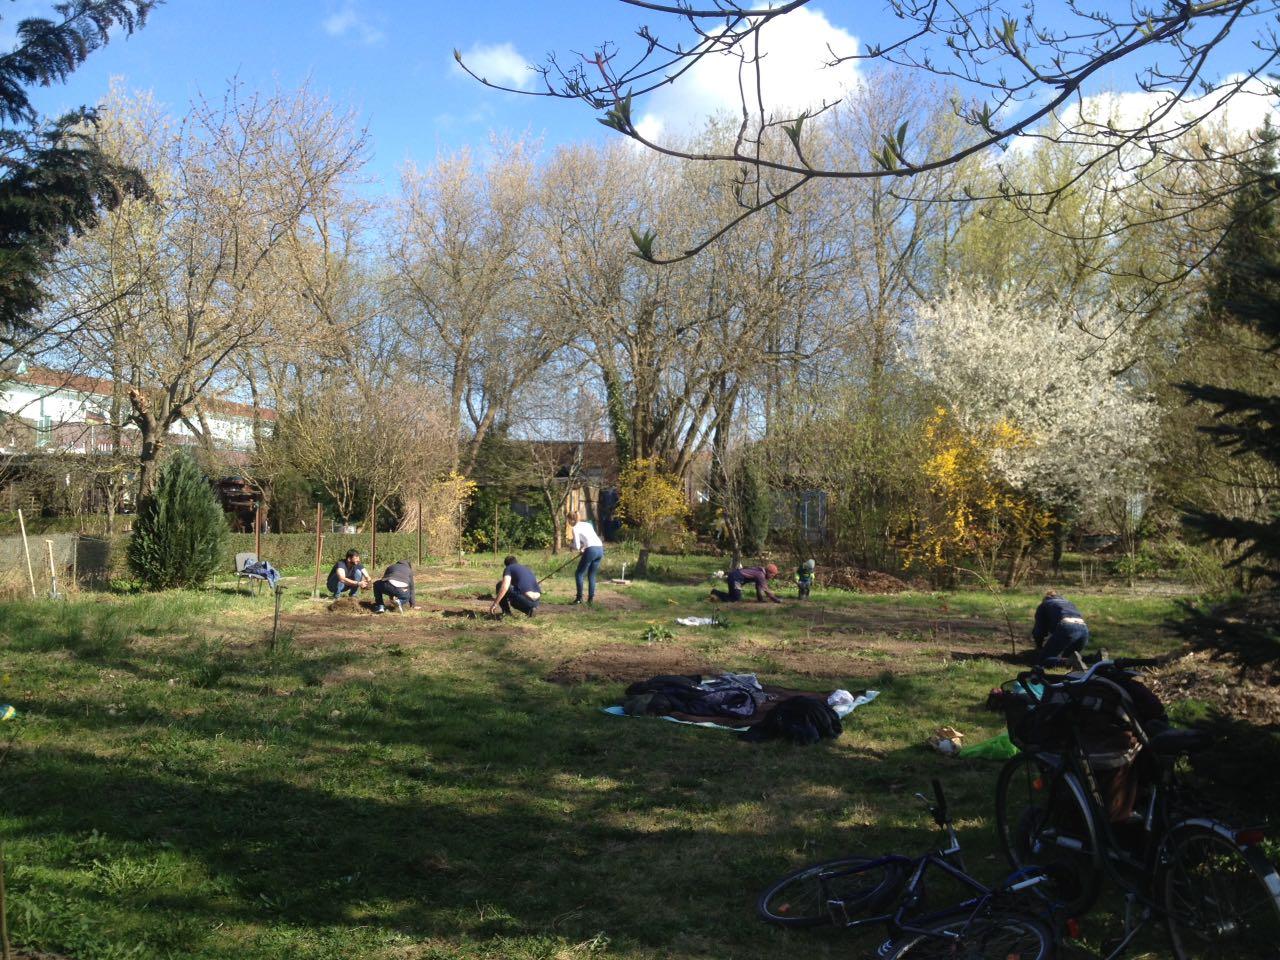 Bei bestem Frühlingswetter trafen wir uns am 09. April im Garten, um den Zaun weiter zu bauen und die ersten Beete zu bepflanzen.